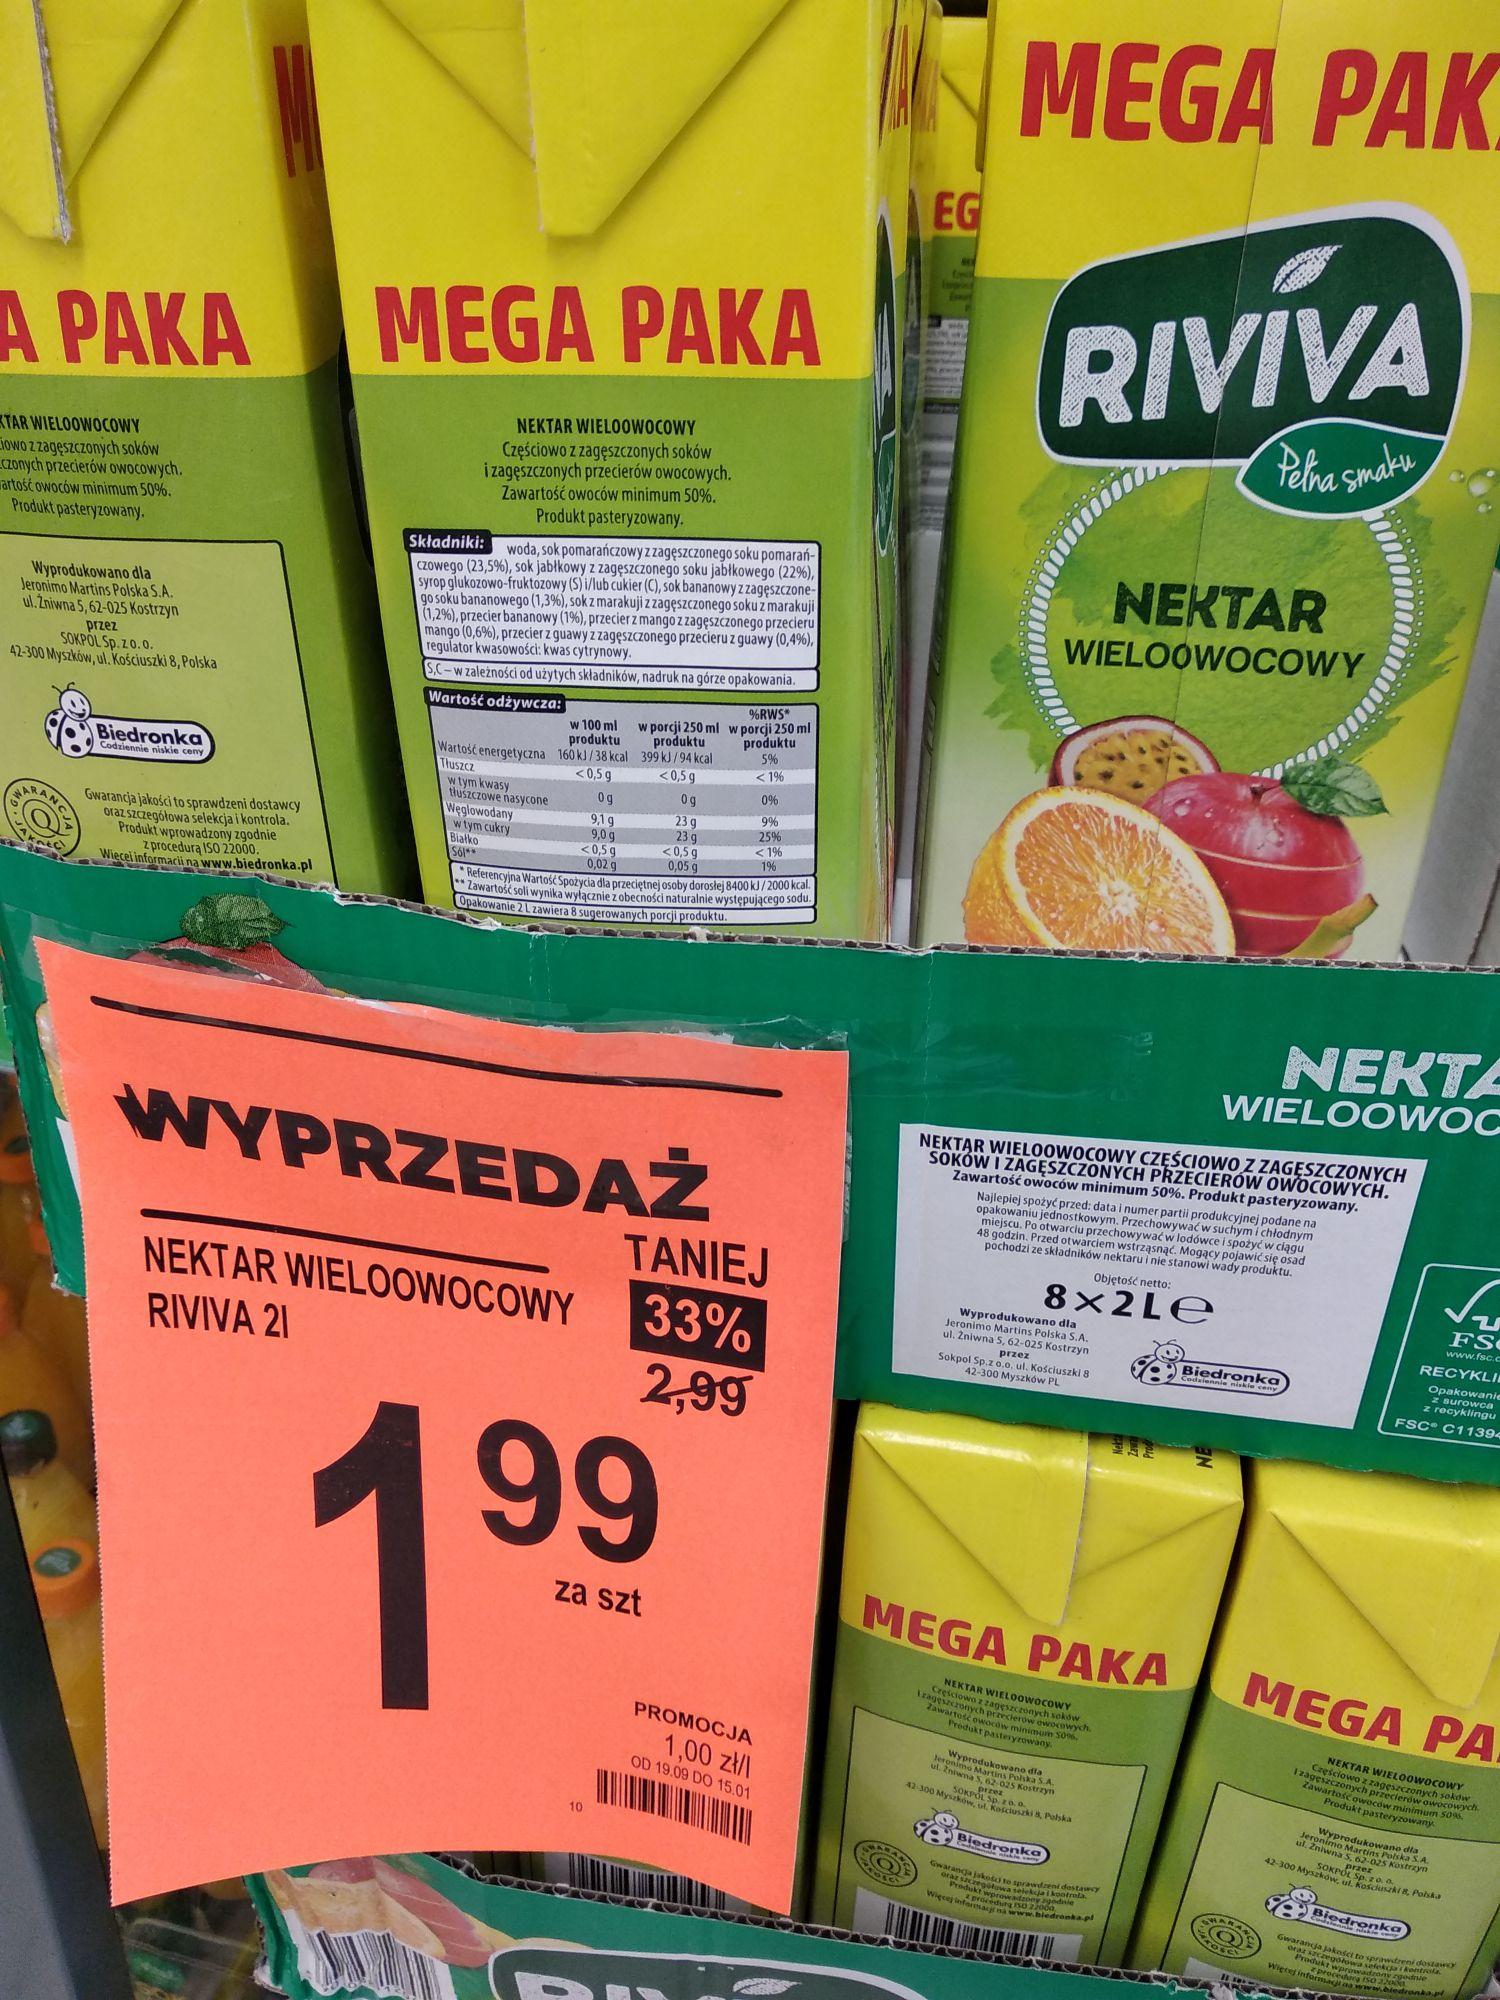 Napój Riviva 2 l ; Chude mięso mielone z szynki wieprzowej 500 g ; Jaja 30 szt  - Kraków Biedronka ul. Łokietka